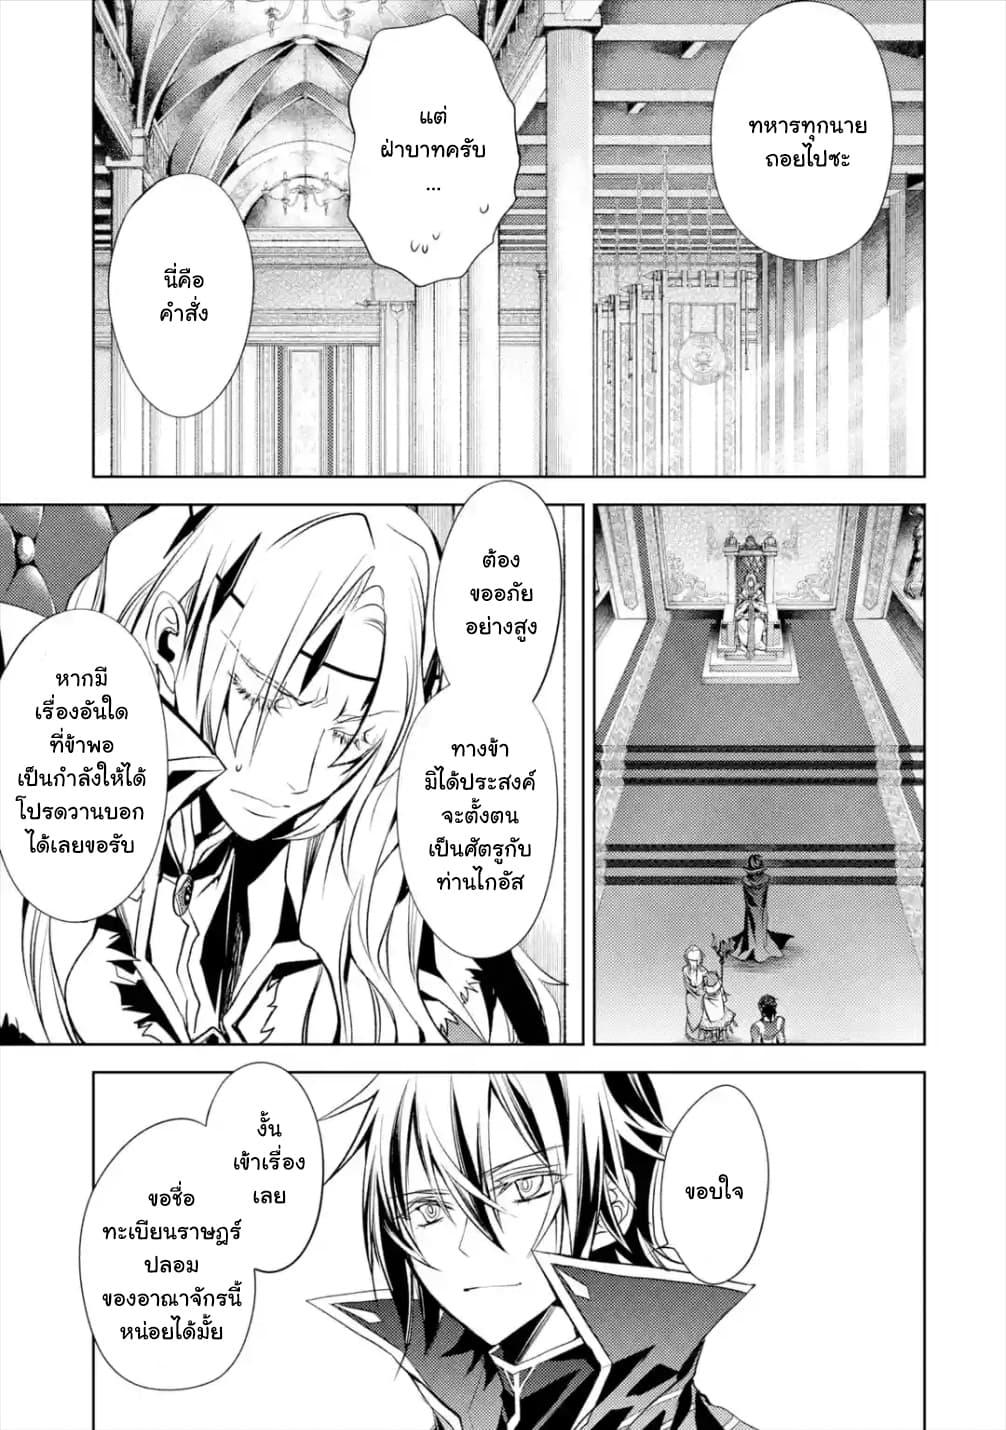 อ่านการ์ตูน Senmetsumadou no Saikyokenja ตอนที่ 5.1 หน้าที่ 9